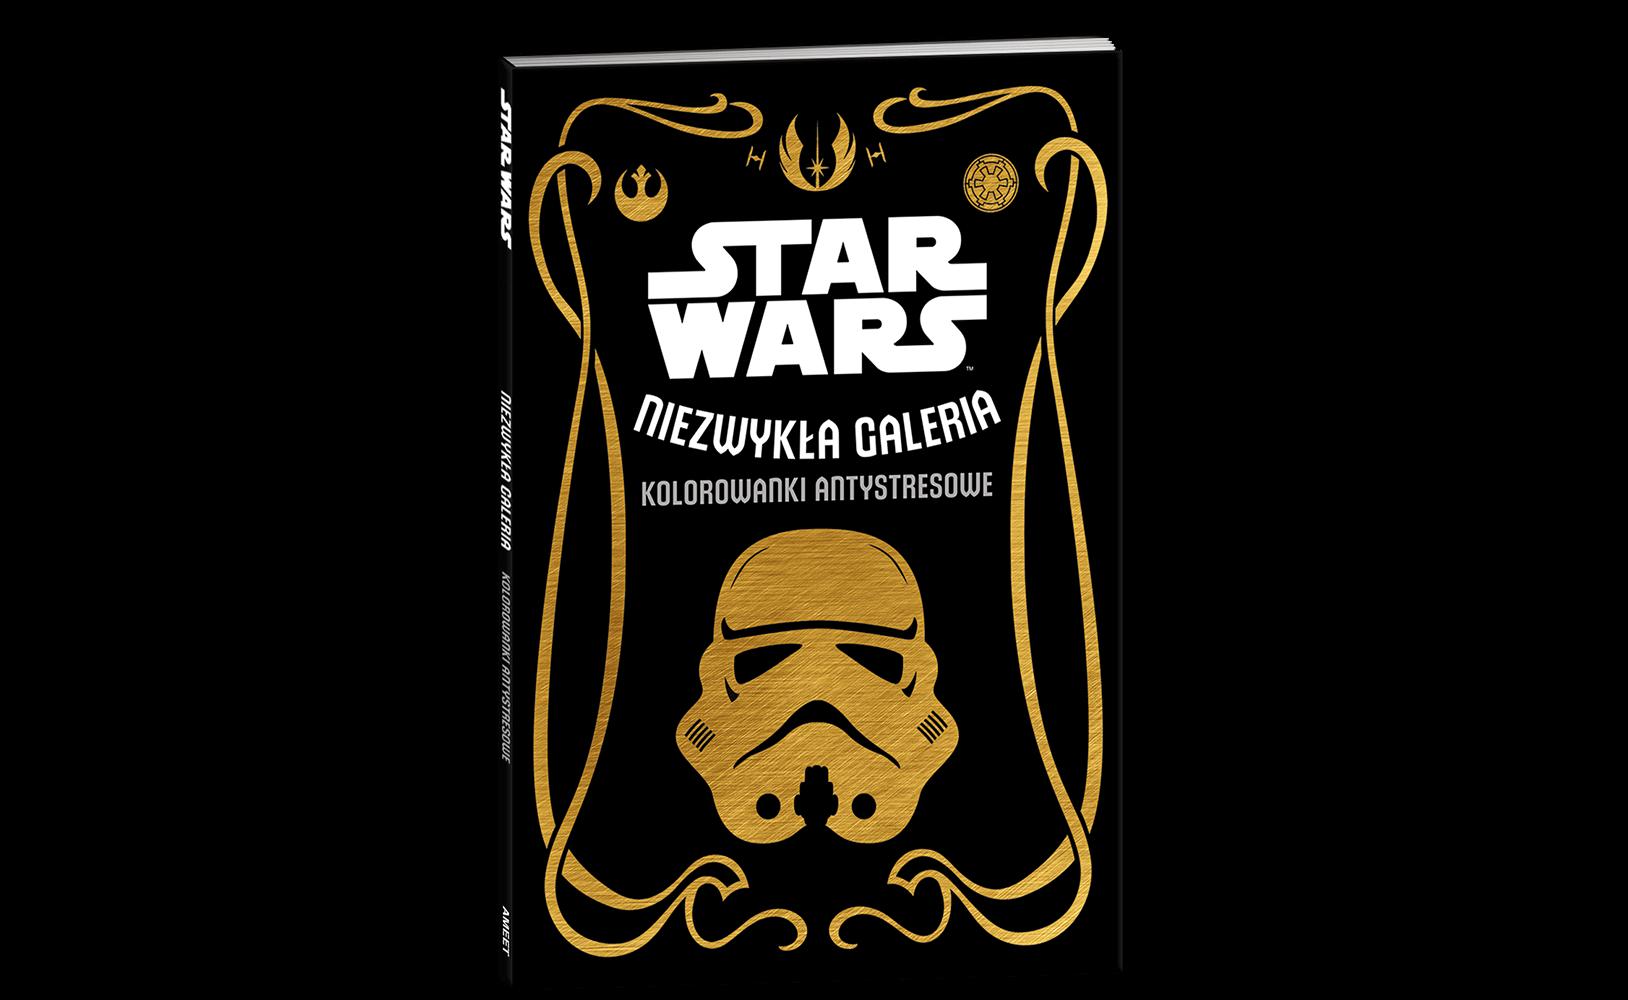 Star Wars™. Kolorowanki antystresowe. Niezwykła galeria